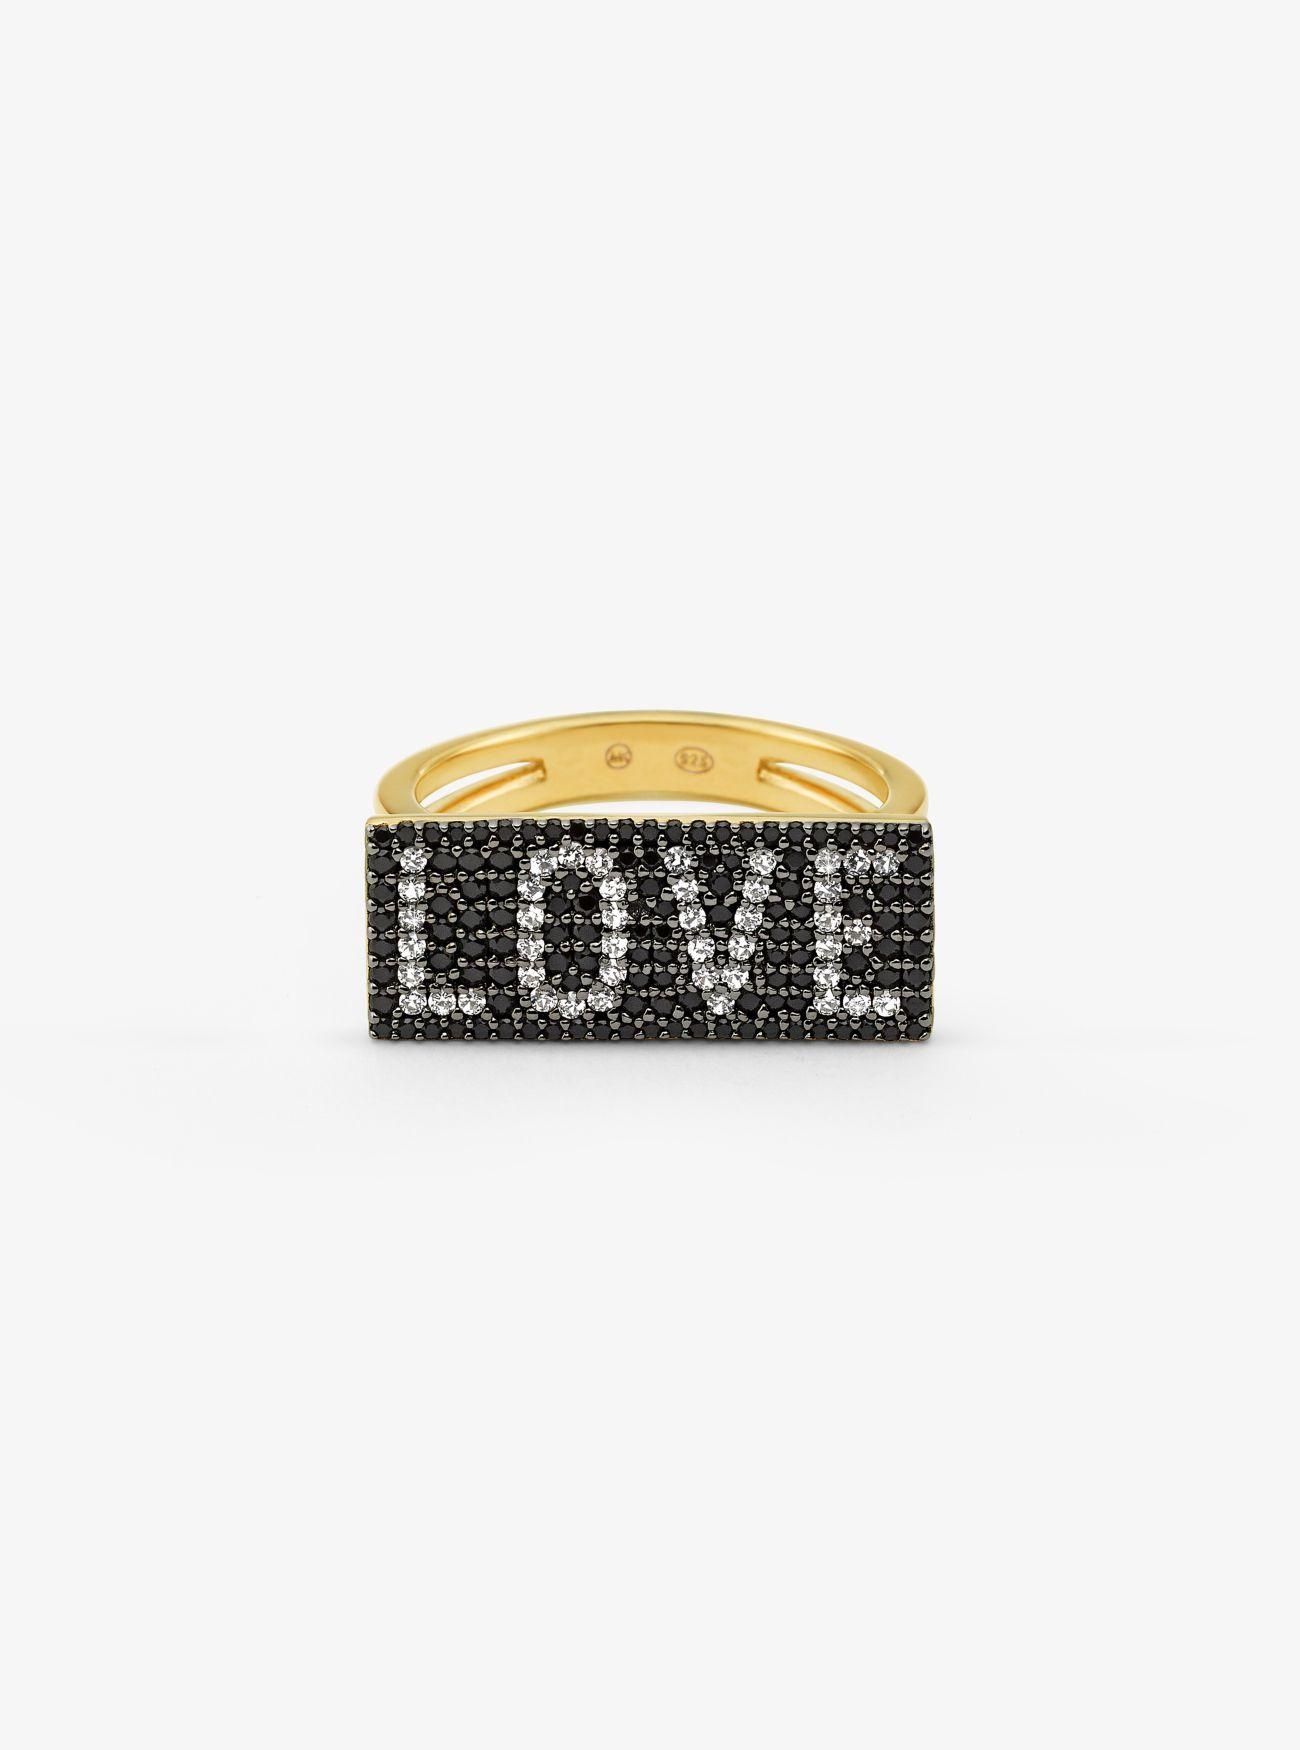 1aded3d84c40 Anillo Love De Plata De Ley Con Chapado En Oro De 14 k E ...